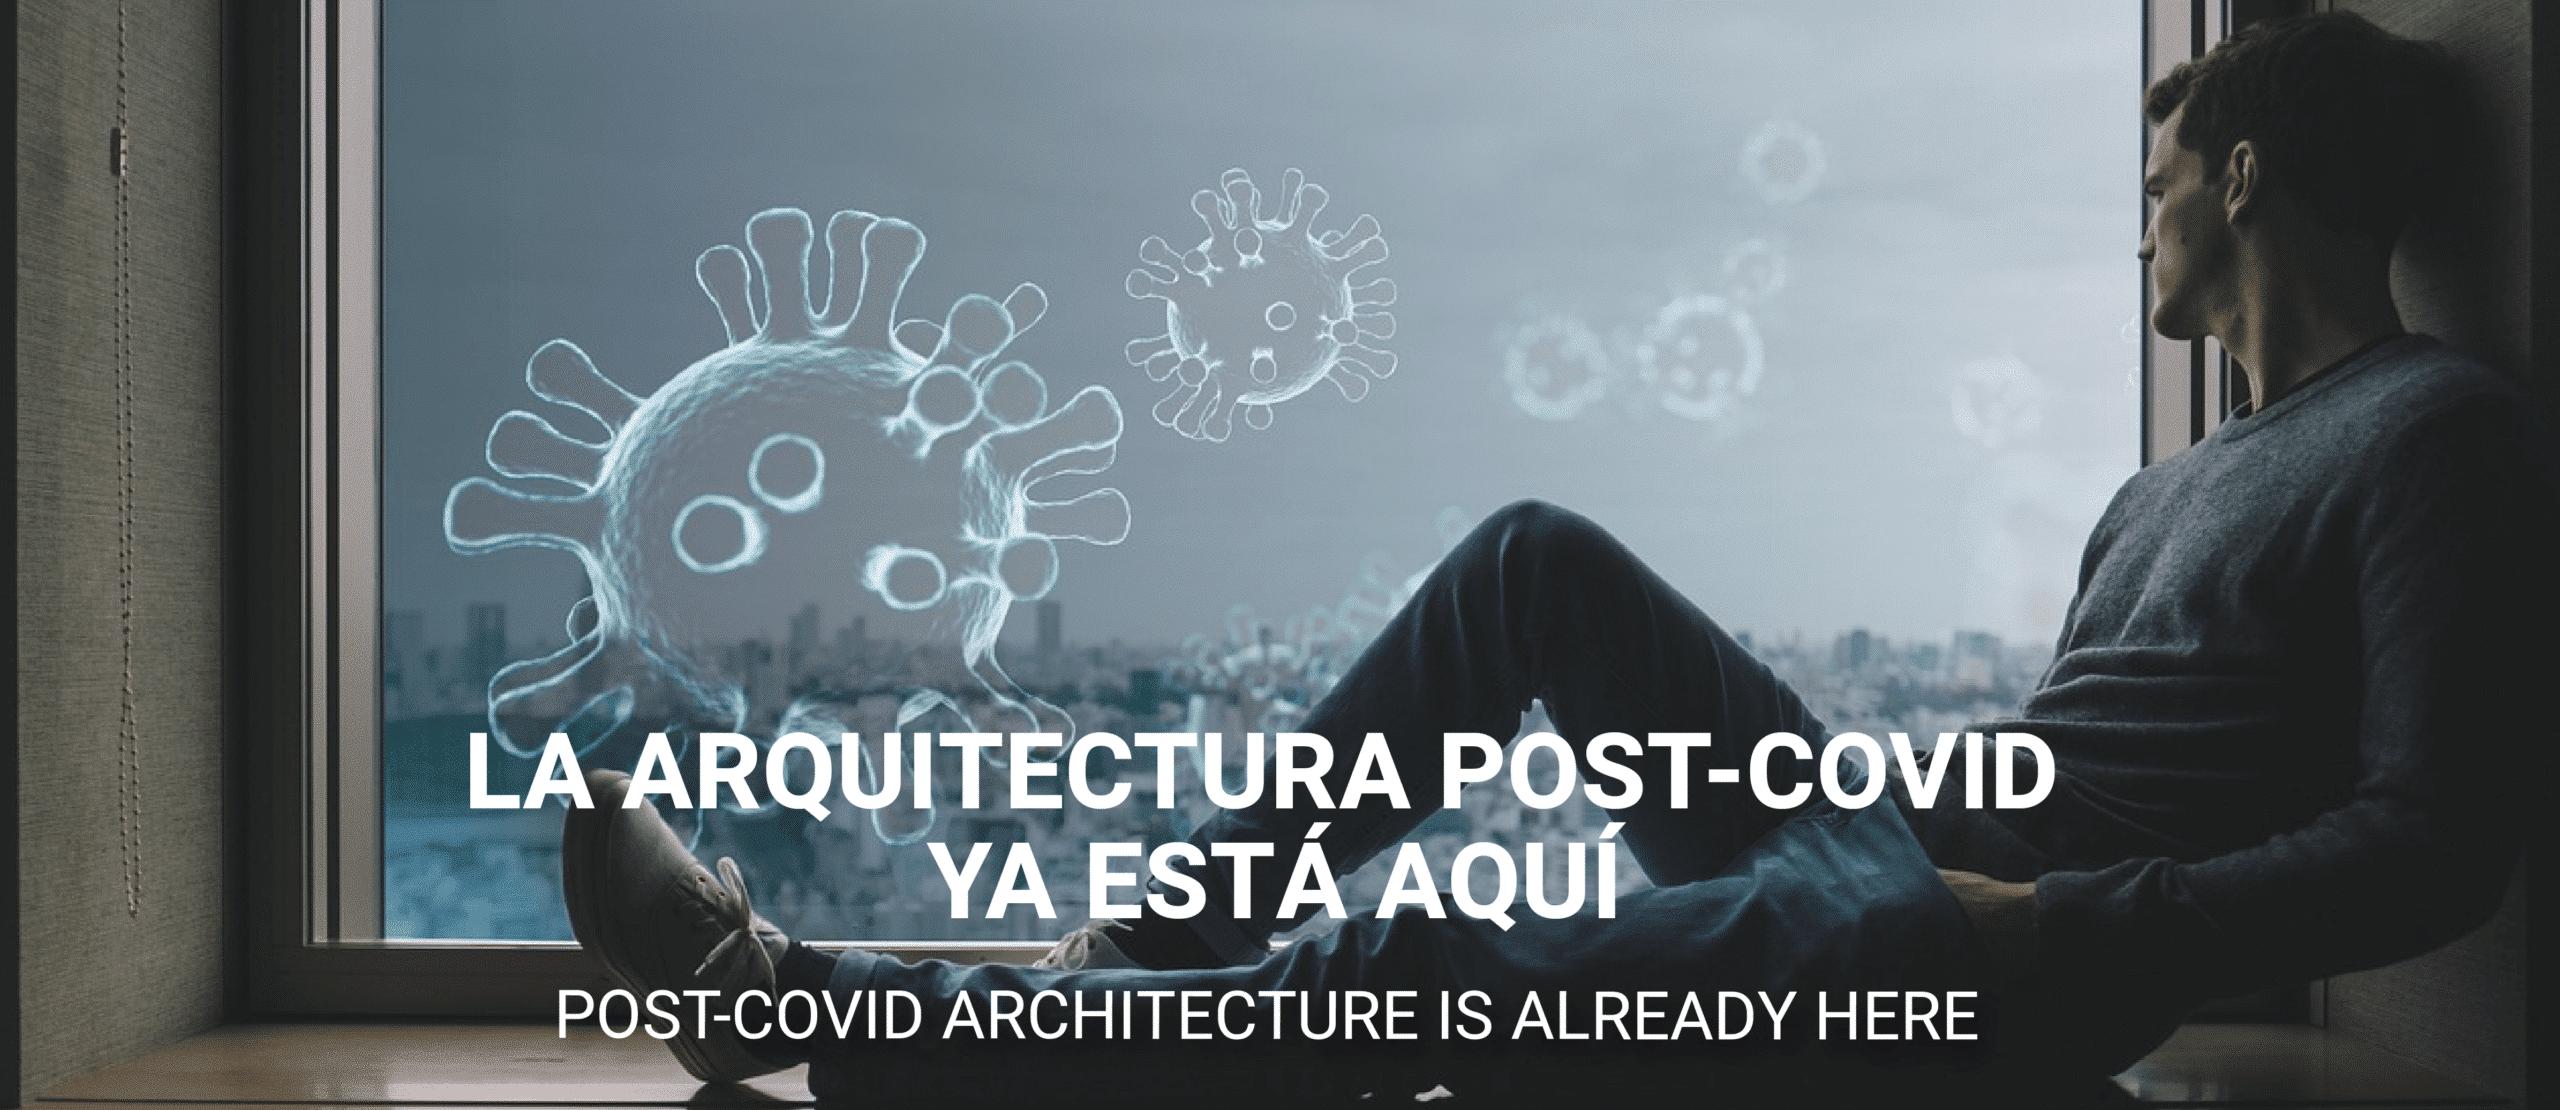 La arquitectura post-COVID ya está aquí